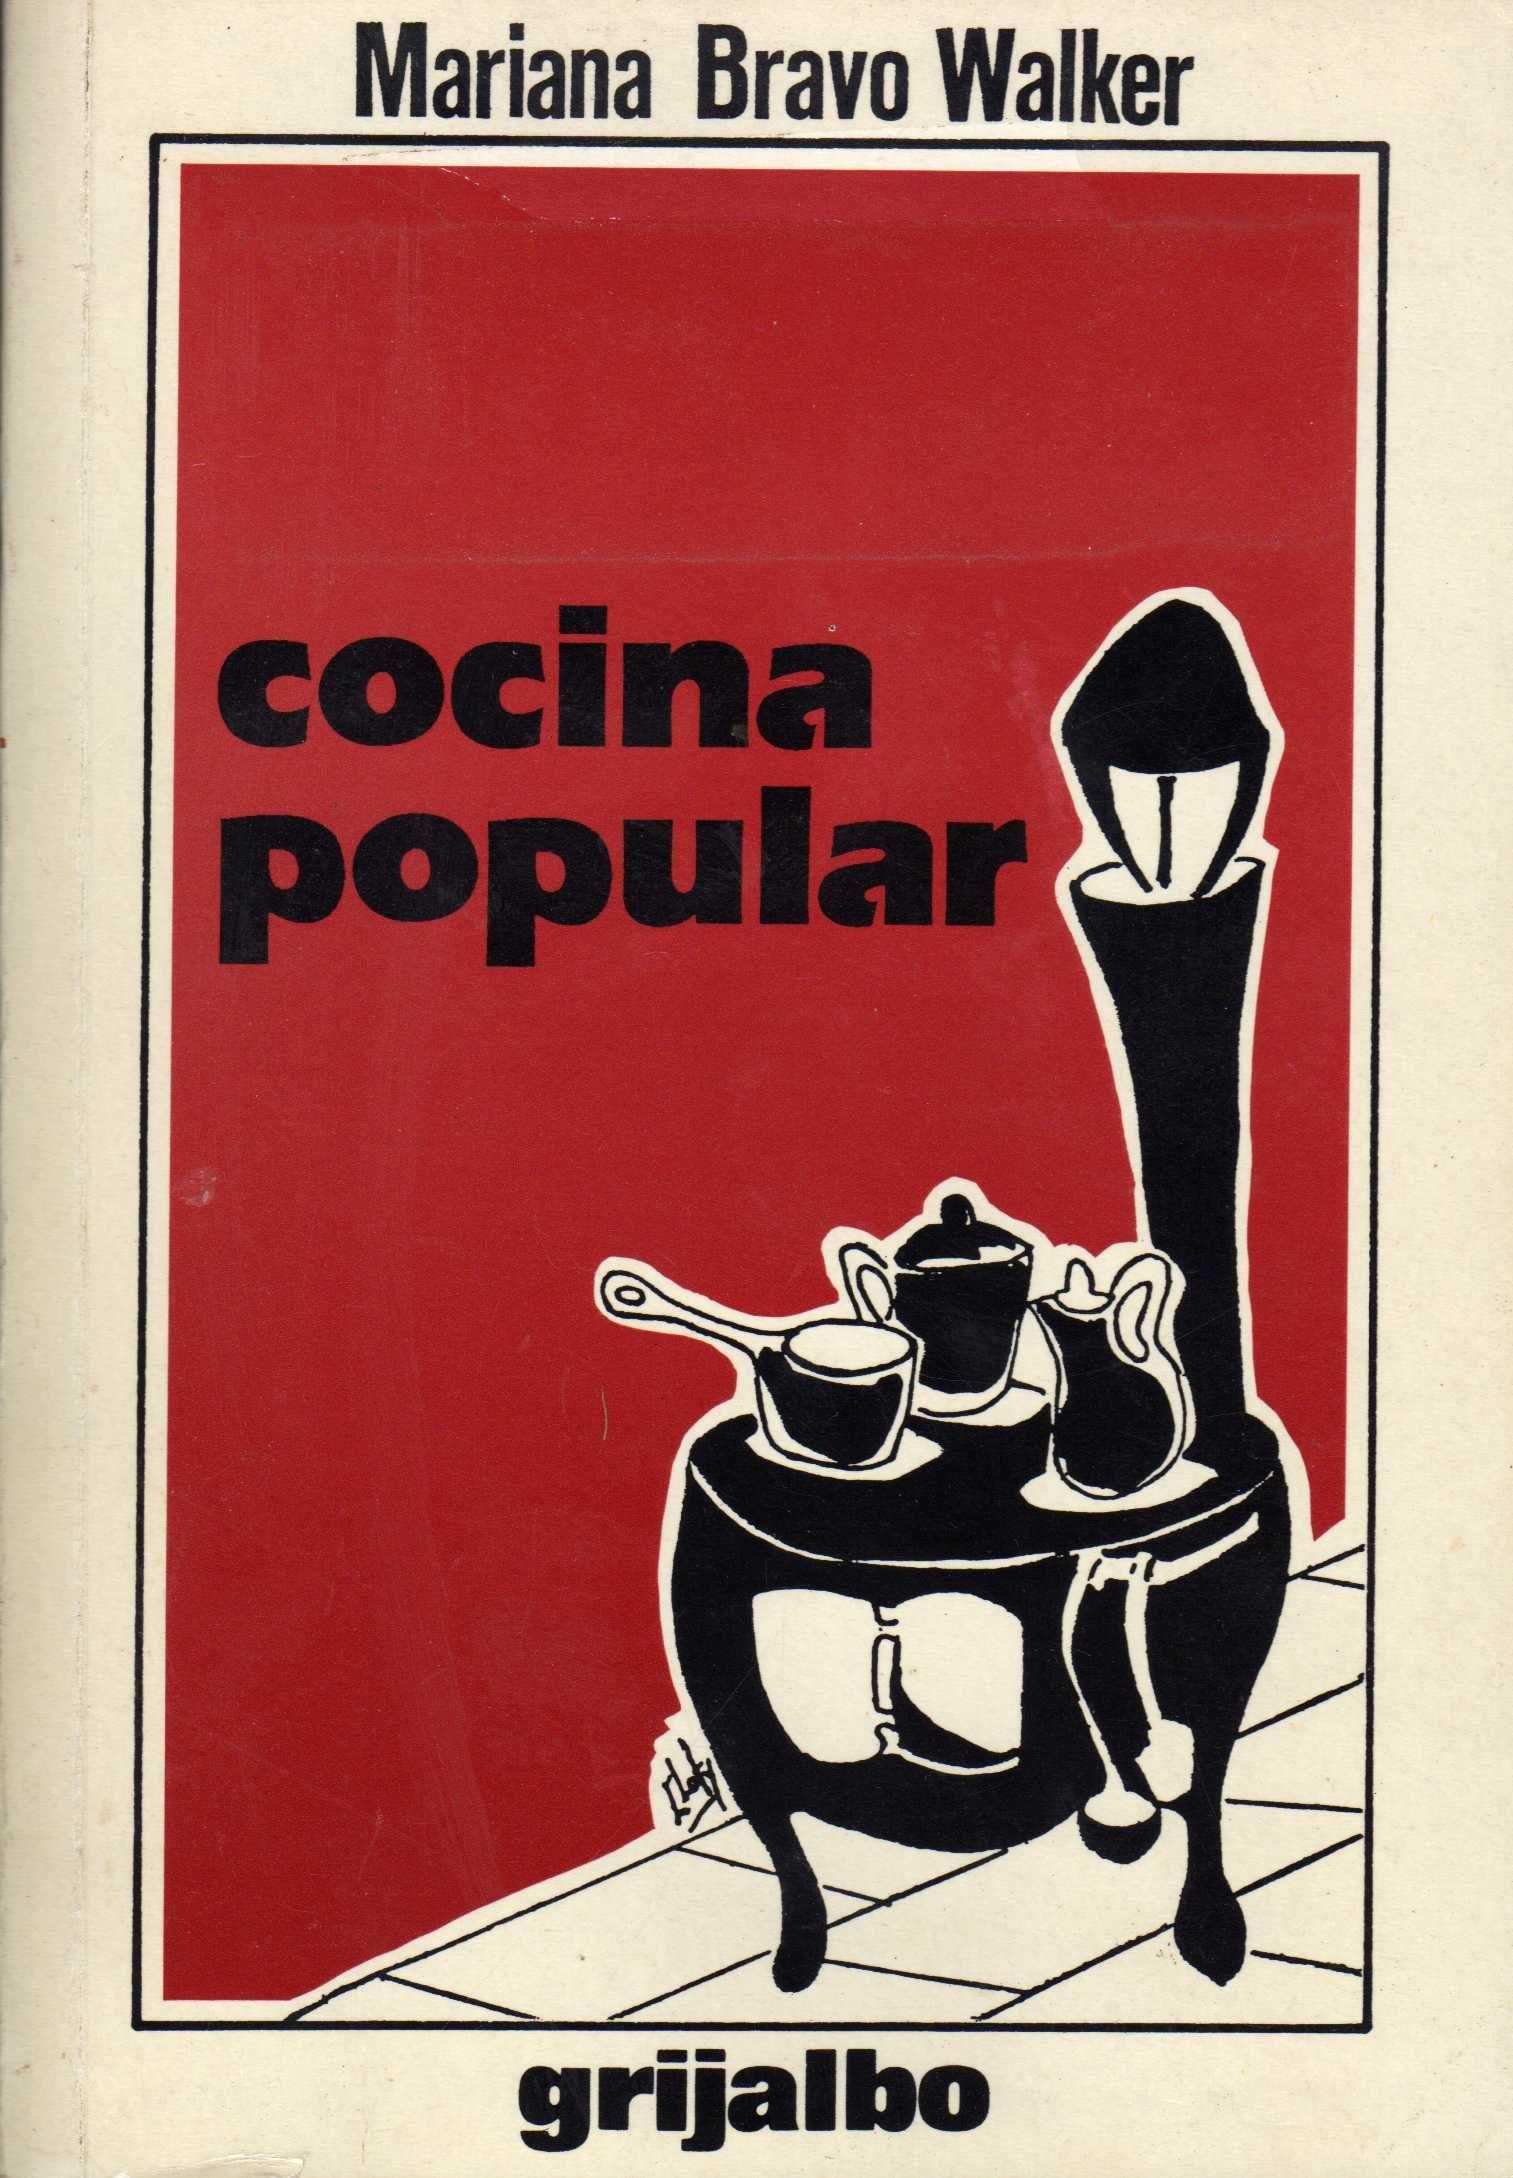 Mariana Bravo Walker | Cocina popular (1964) | Un libro emblemático de la cocina casera chilena que desde su primera publicación y hasta ahora lleva más de 300 mil ejemplares vendidos | Alrededor de 900 recetas de guisos y 200 de postres rescatan la tradición culinaria del país, cuidando el presupuesto familiar.